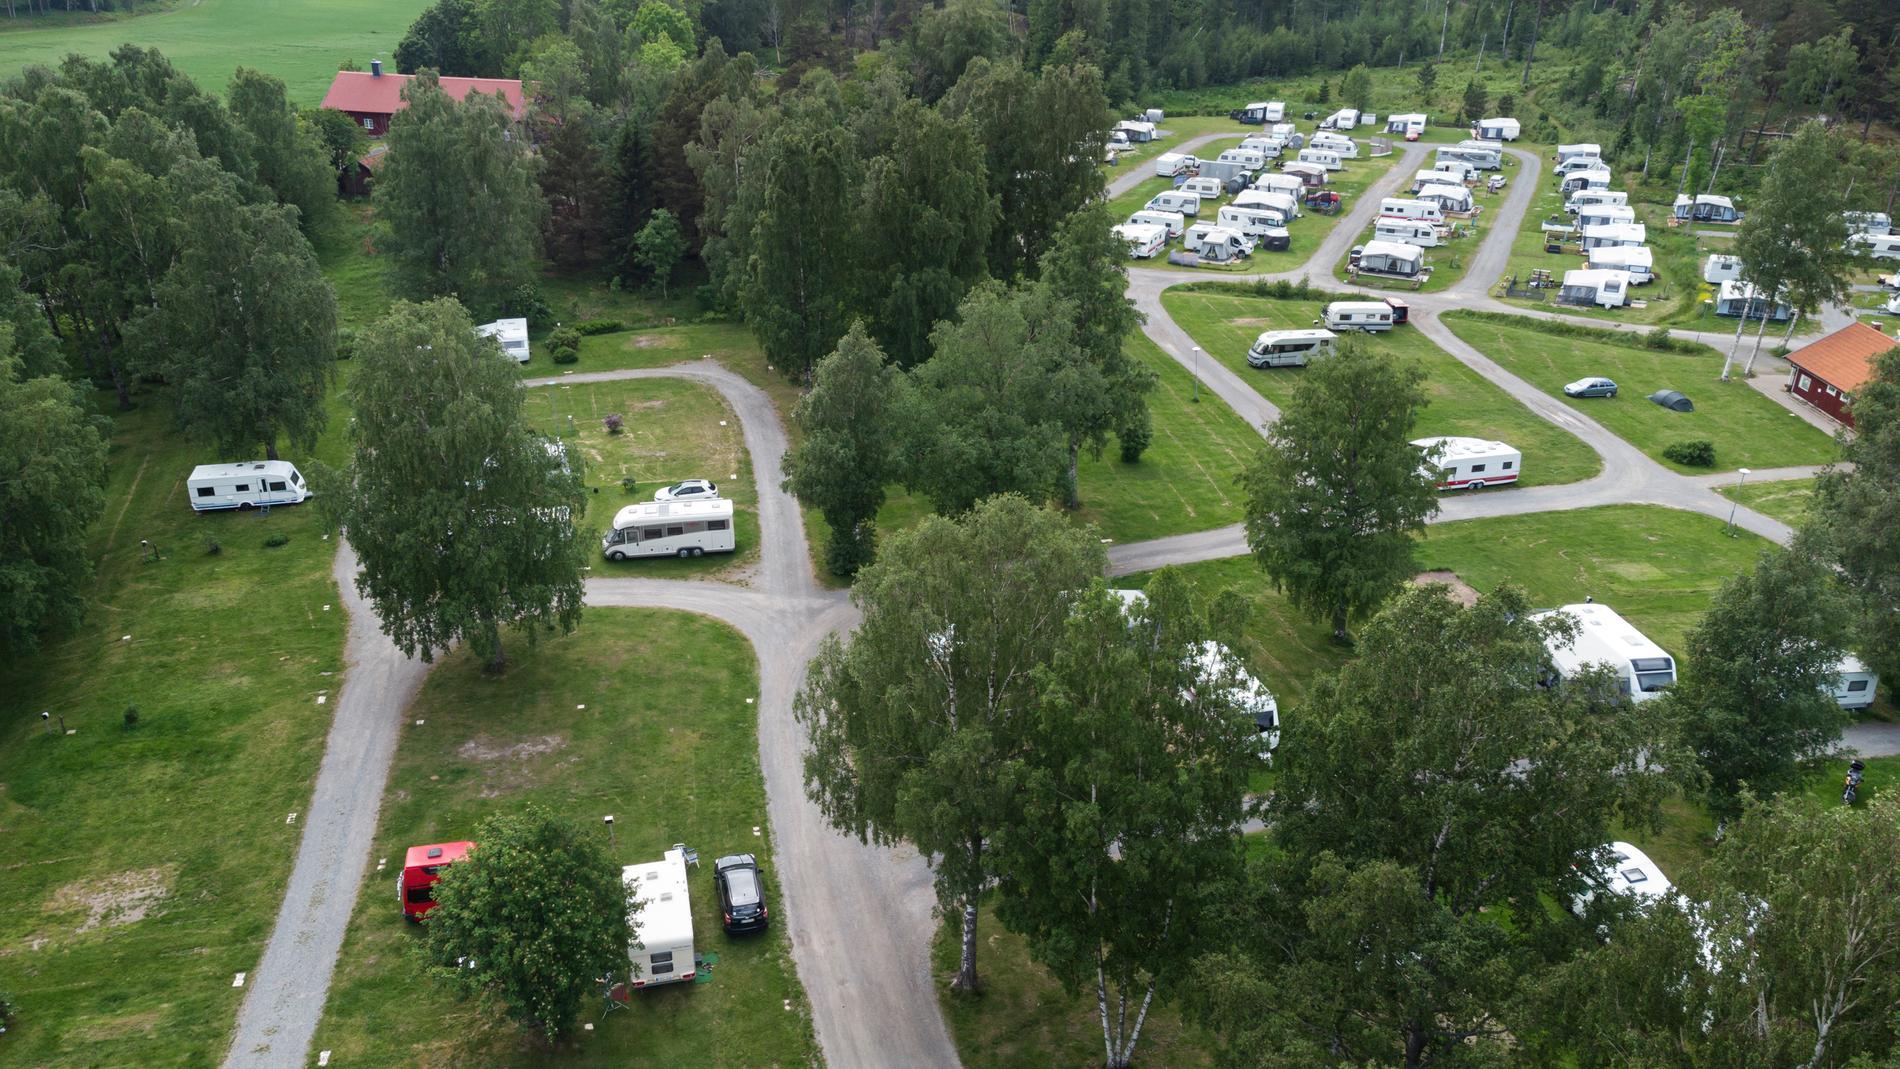 Förutom att campa i sommar, som här på Gålö Havsbad, är det populärt bland svenskar att semestra på öar, i fjällen och på orter längst kusten.